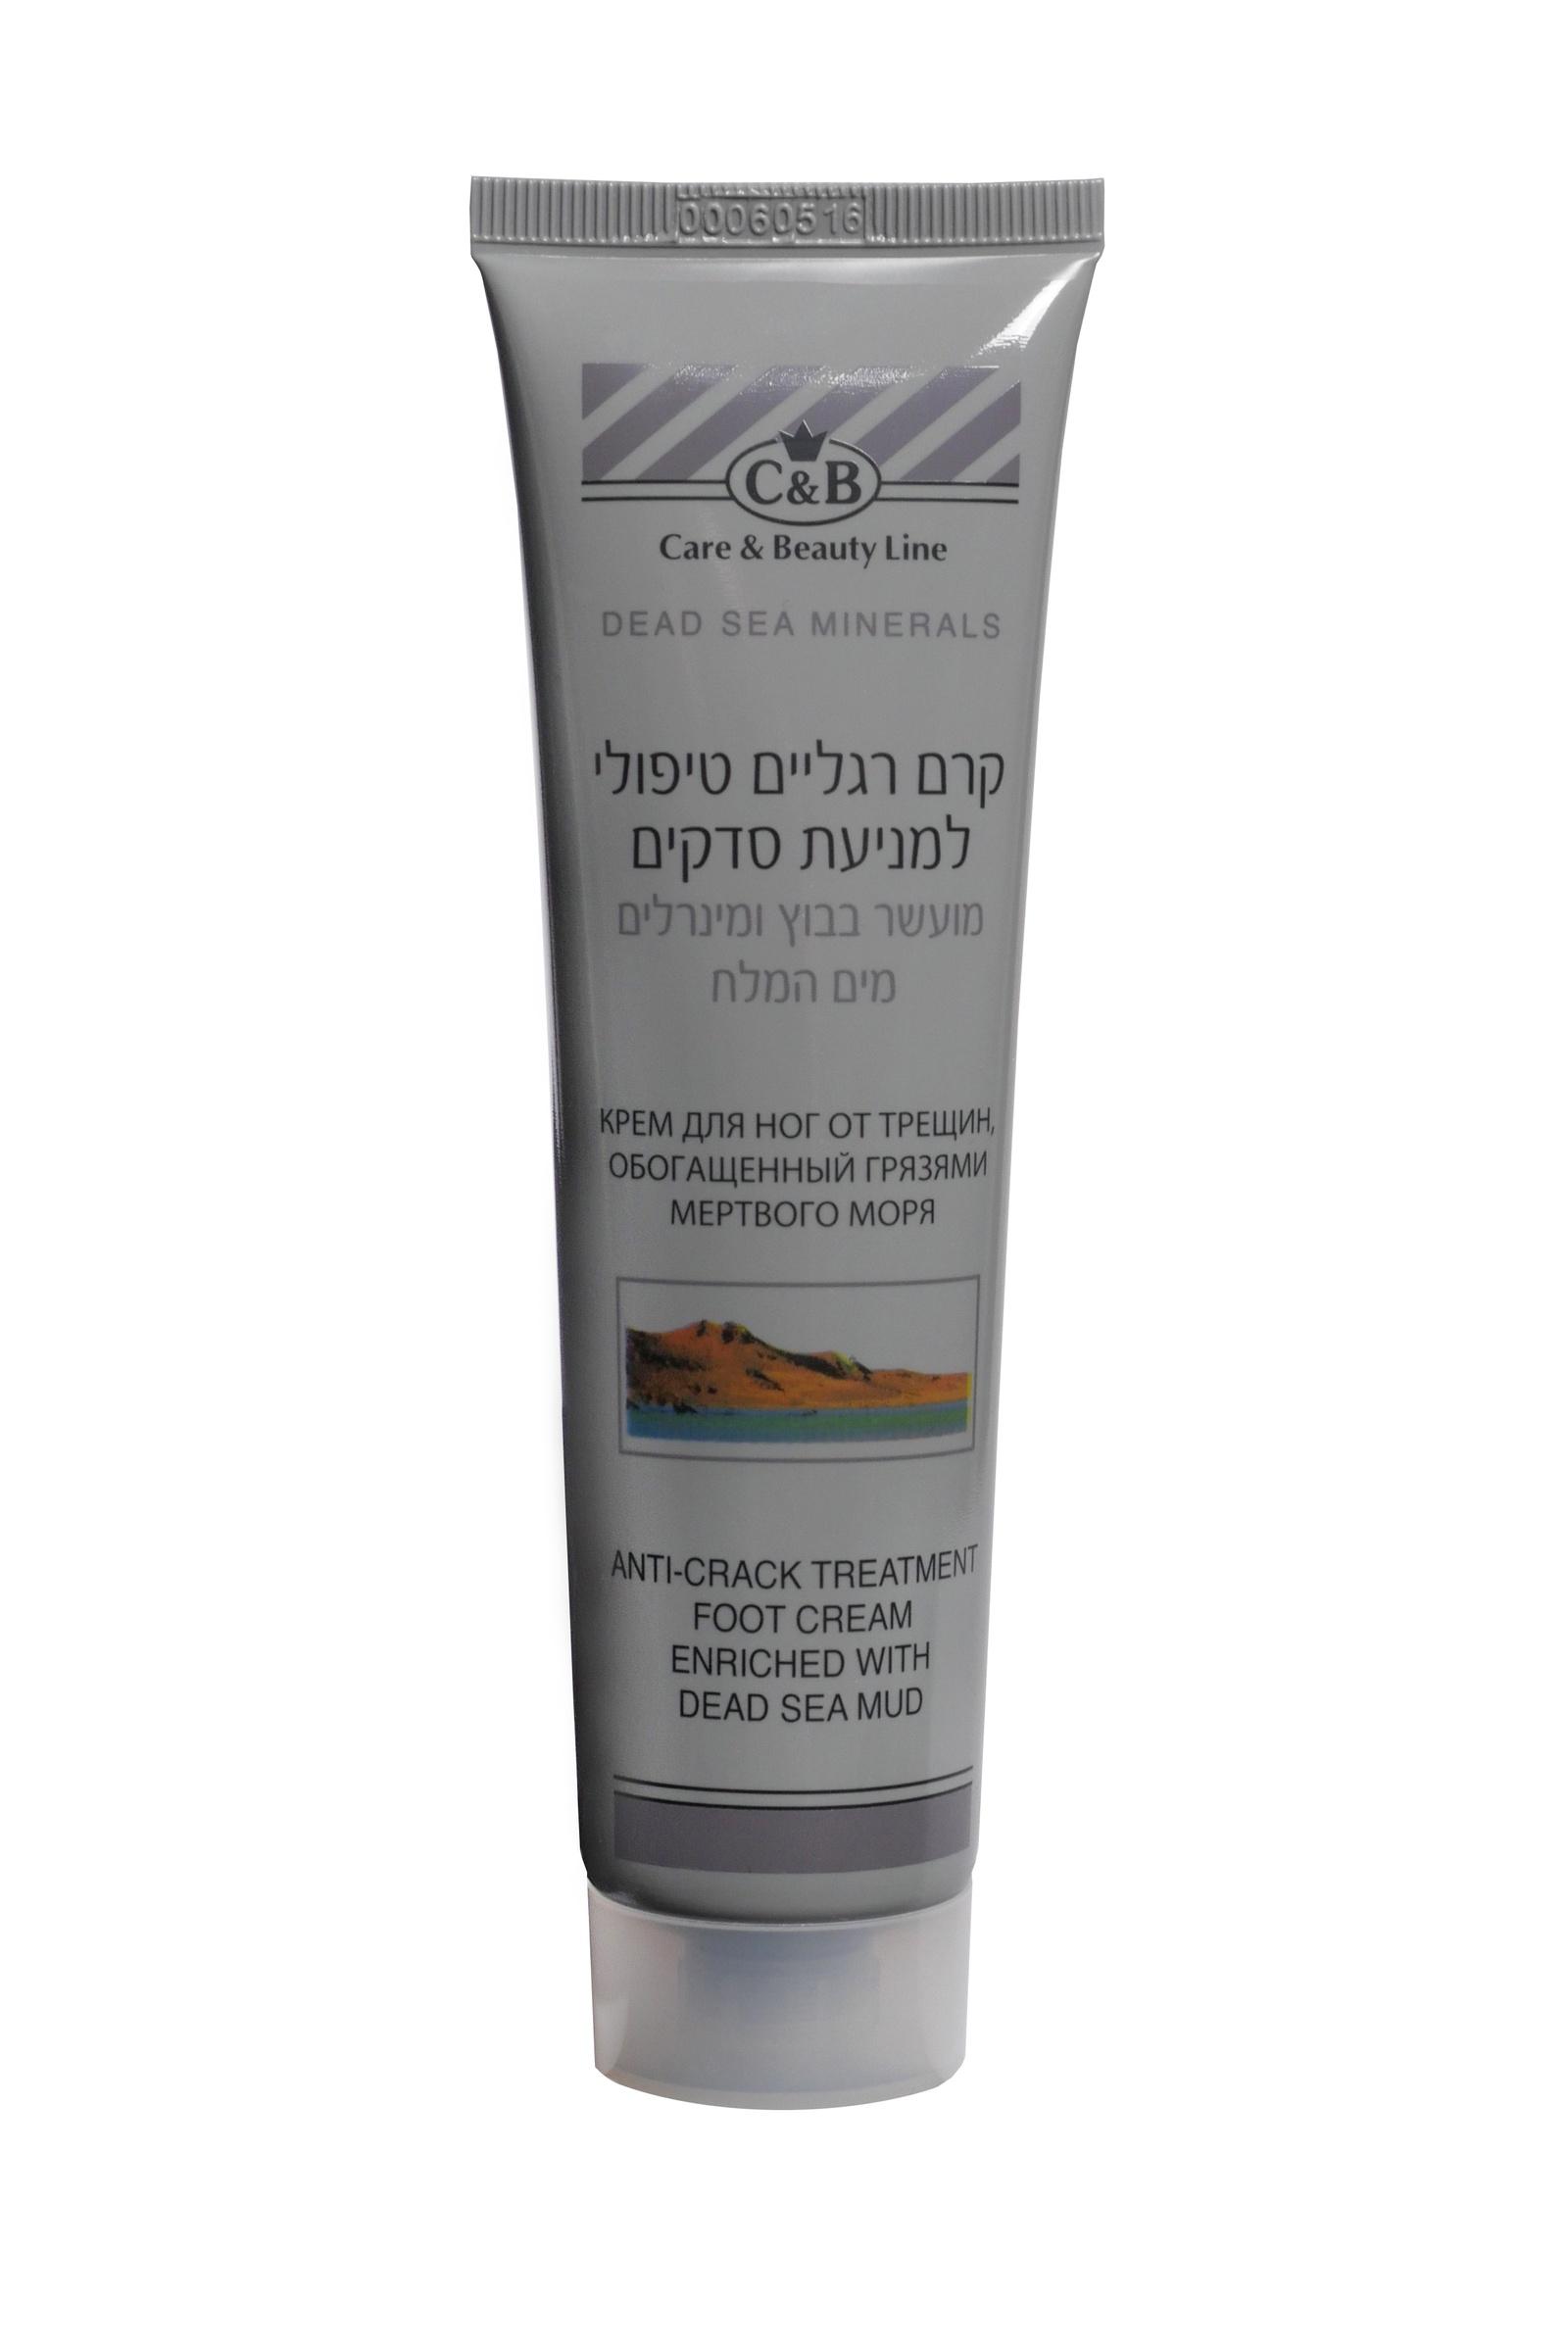 Крем для ухода за кожей Care & Beauty Line Грязь Мёртвого моря до и после крем для ног от трещин в ступнях 150мл